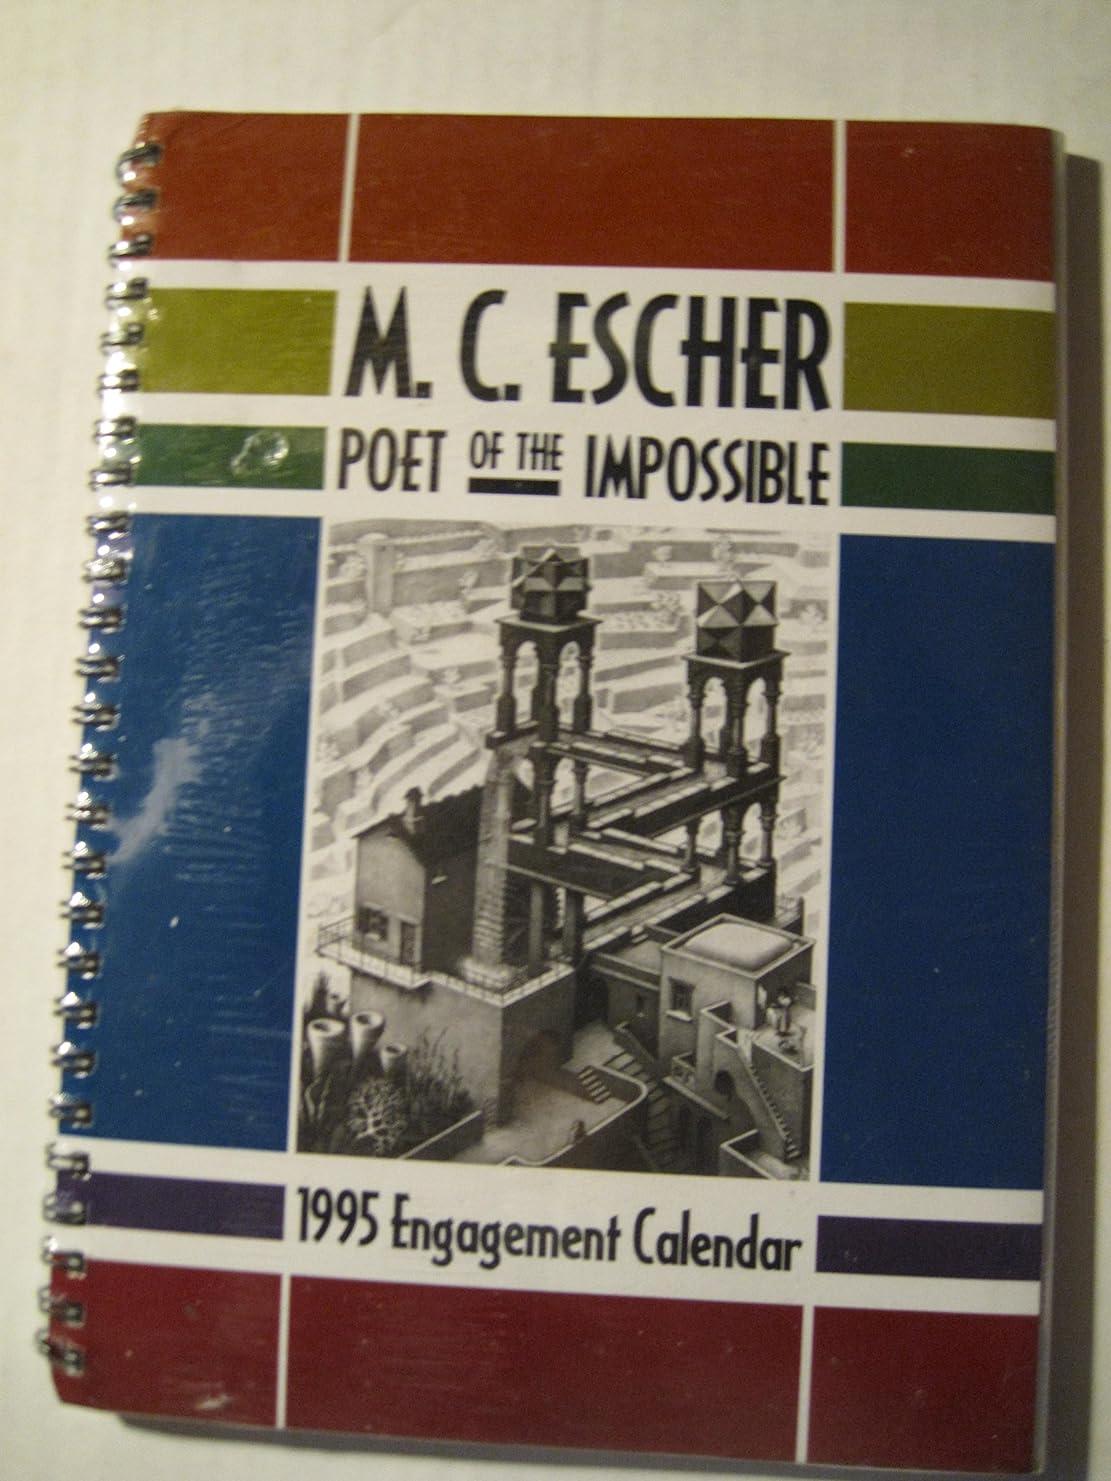 かろうじてハイランド四Cal 95: M.C. Escher : Poet of the Impossible : Engagement Calendar